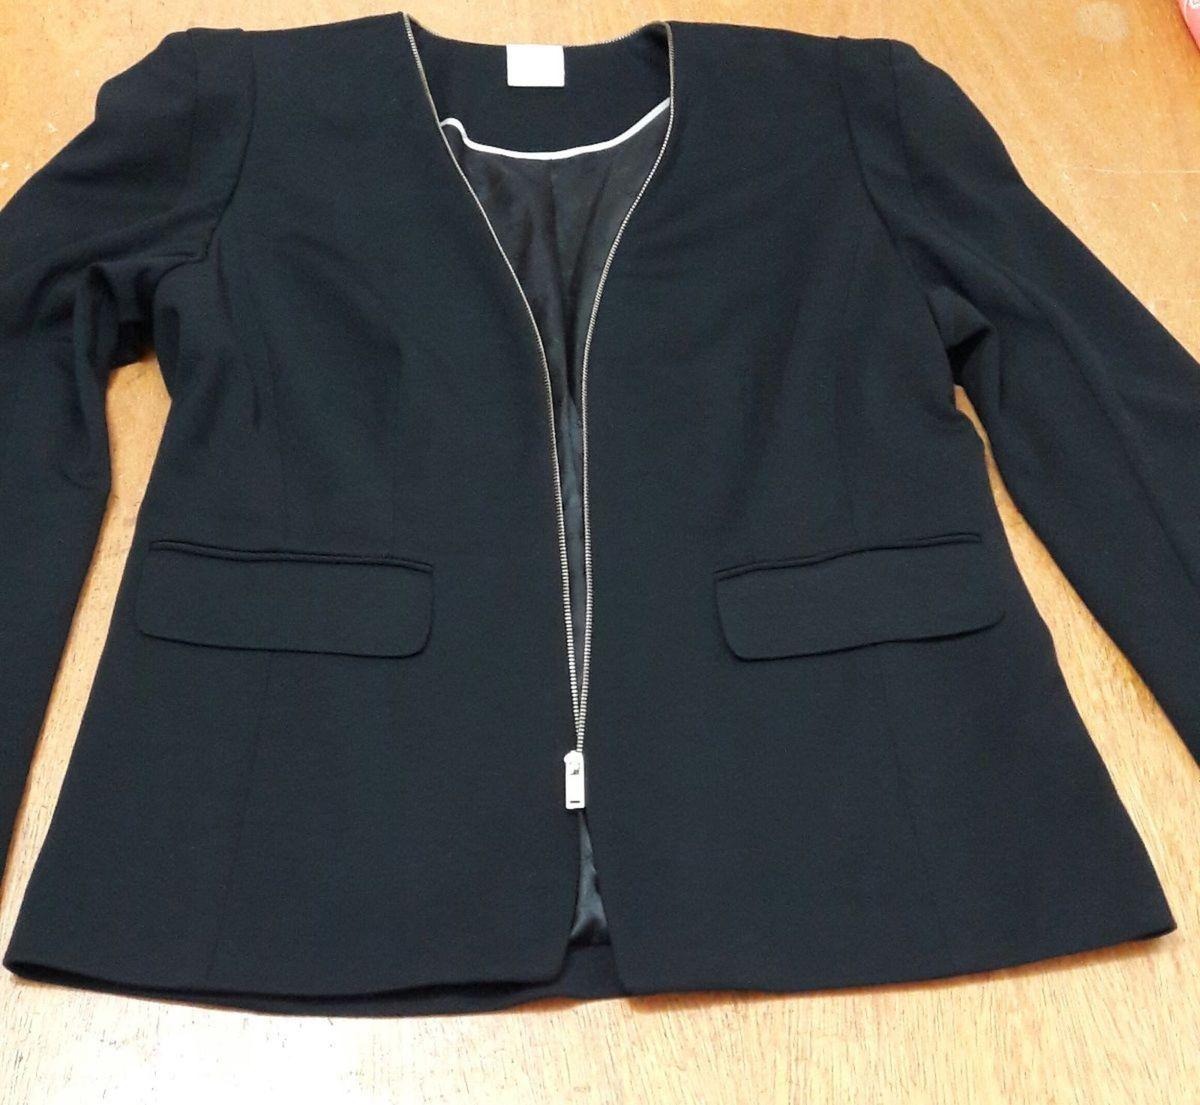 e417303317 blazer preto social poliéster e elastano - forrado - tam. 44 - casaquinhos  a collection